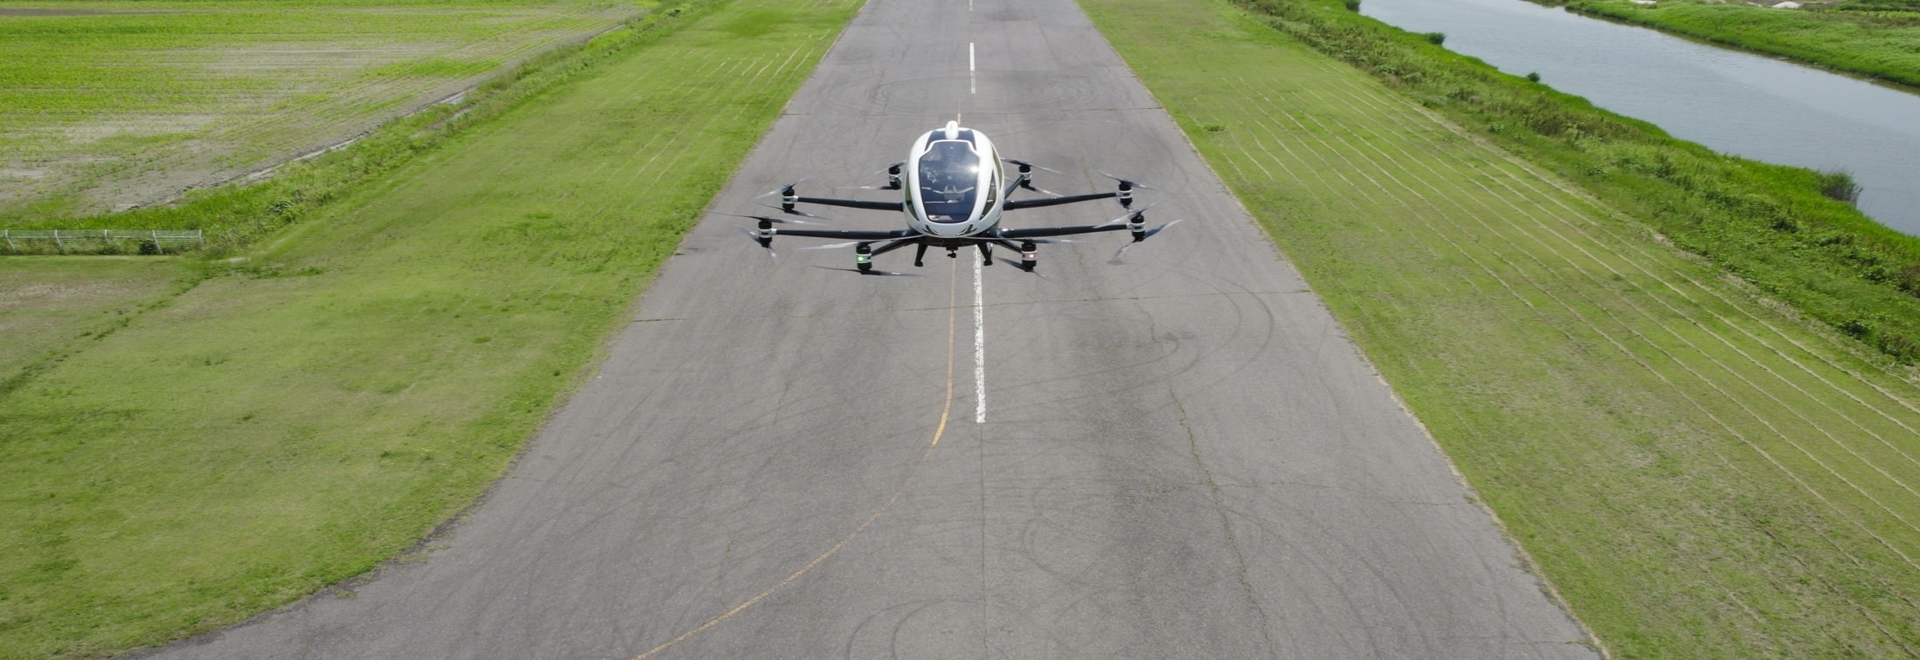 The EHang 216 AAV conducting trial flights in Japan